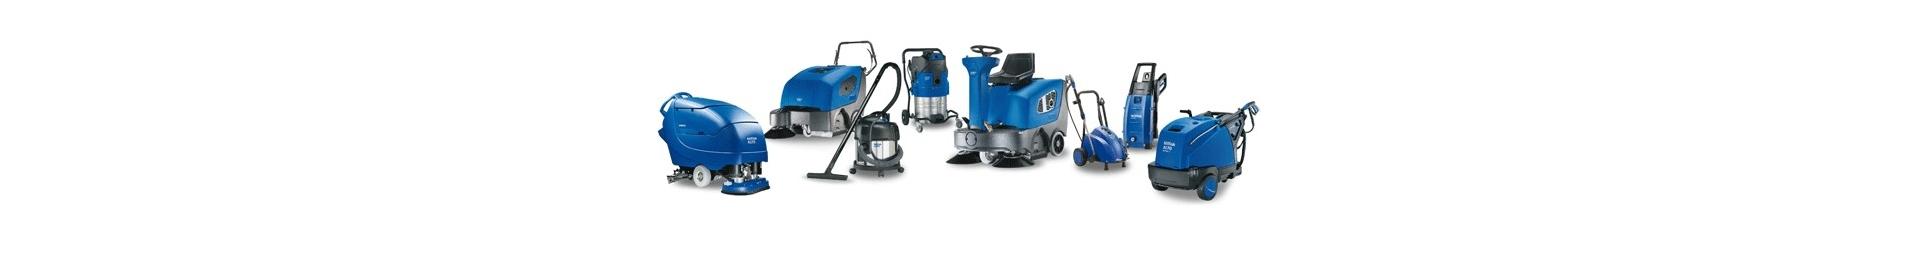 Maszyny czyszczące – odkurzacze przemysłowe, myjki, akcesoria